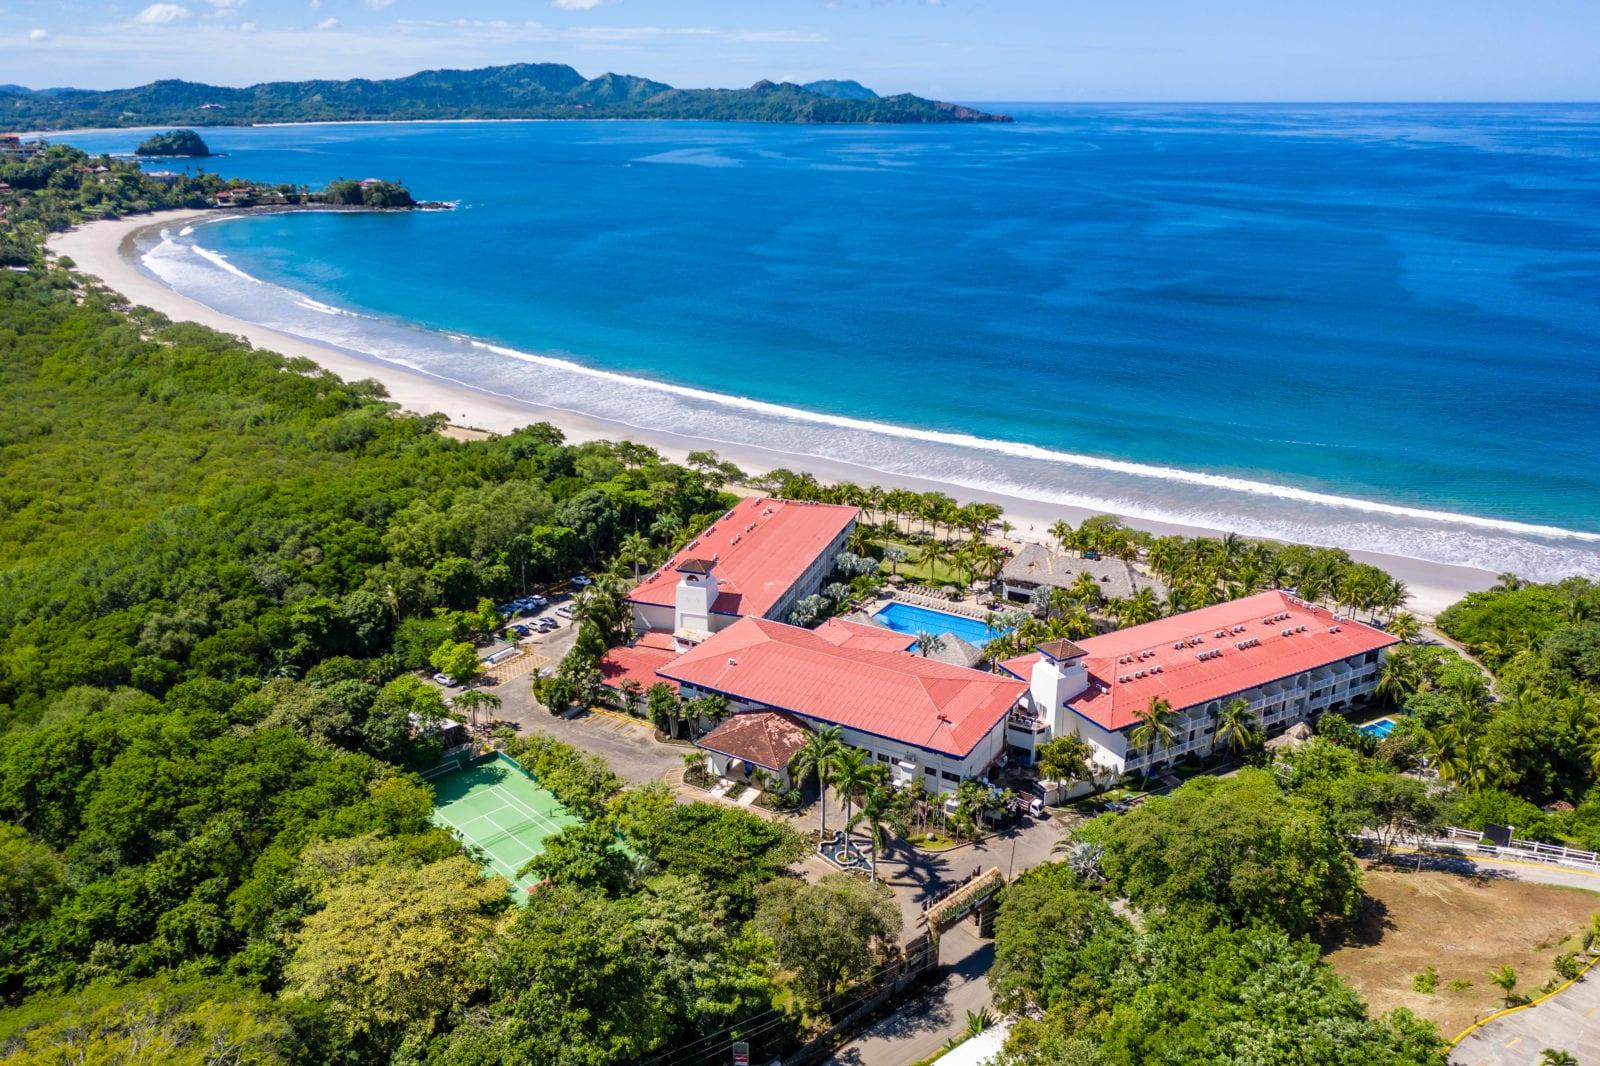 Photo: Margaritaville Beach Resort Playa Flamingo